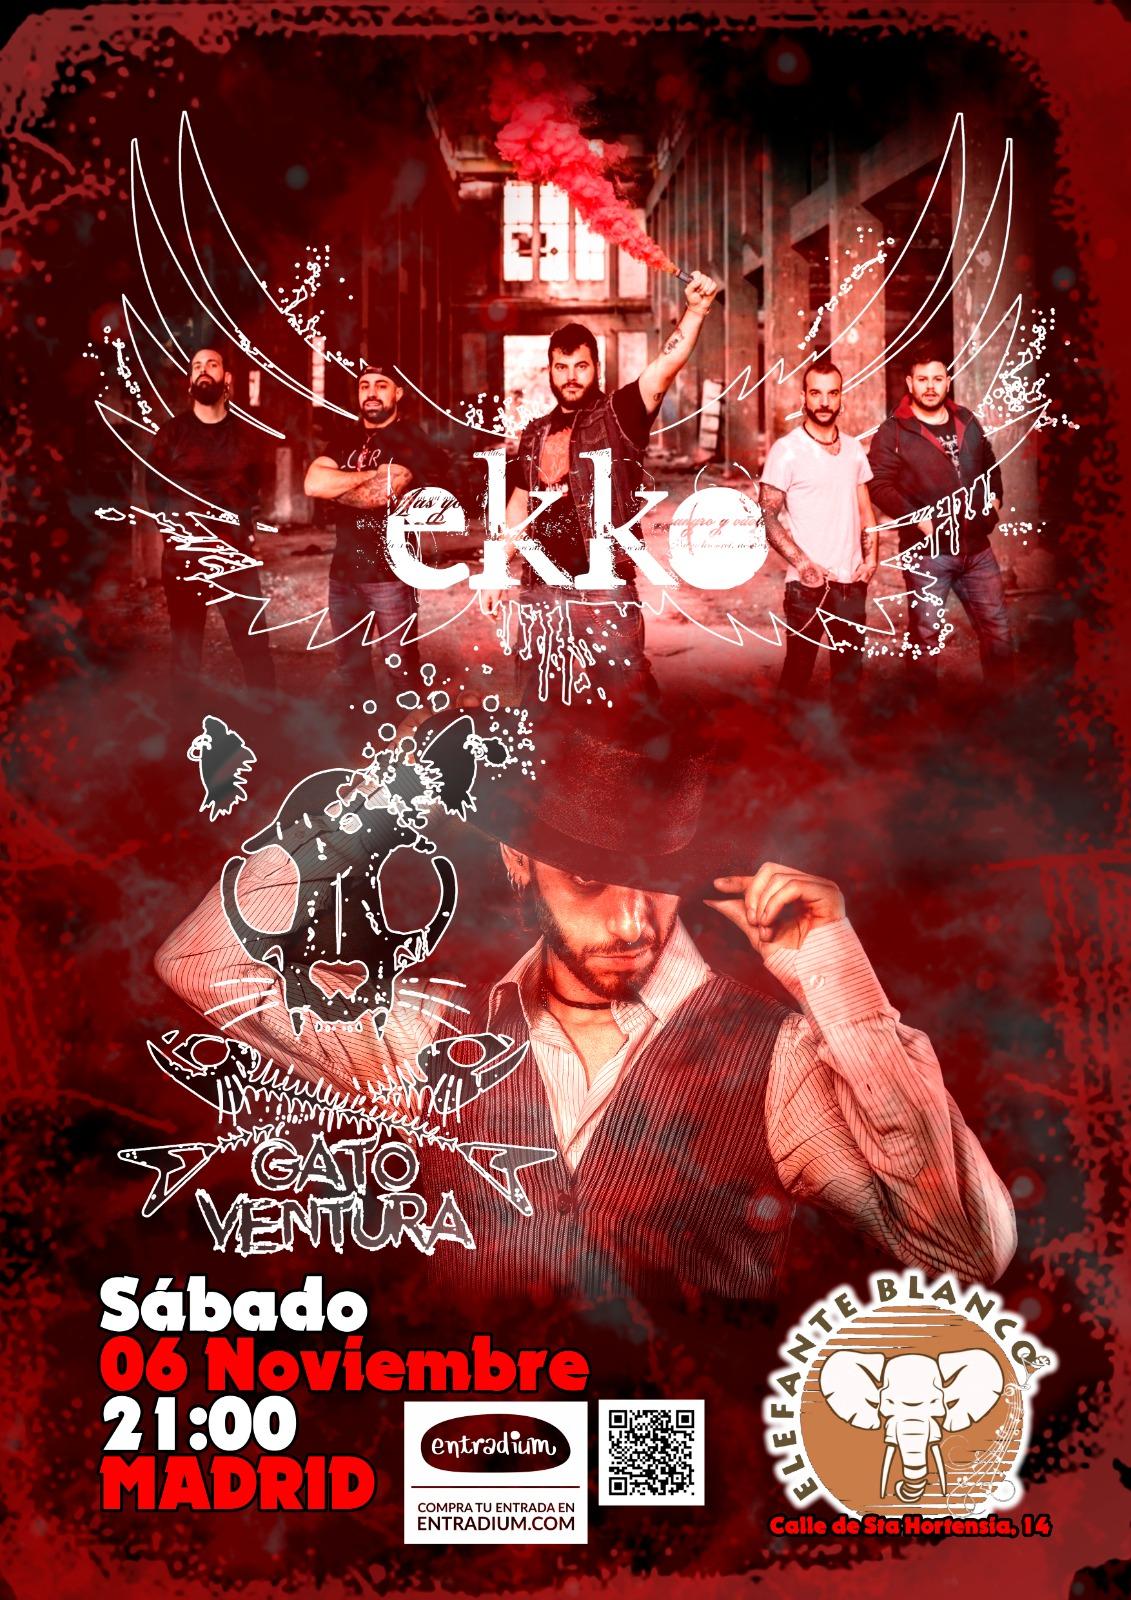 Ekko + Gato Ventura en Madrid